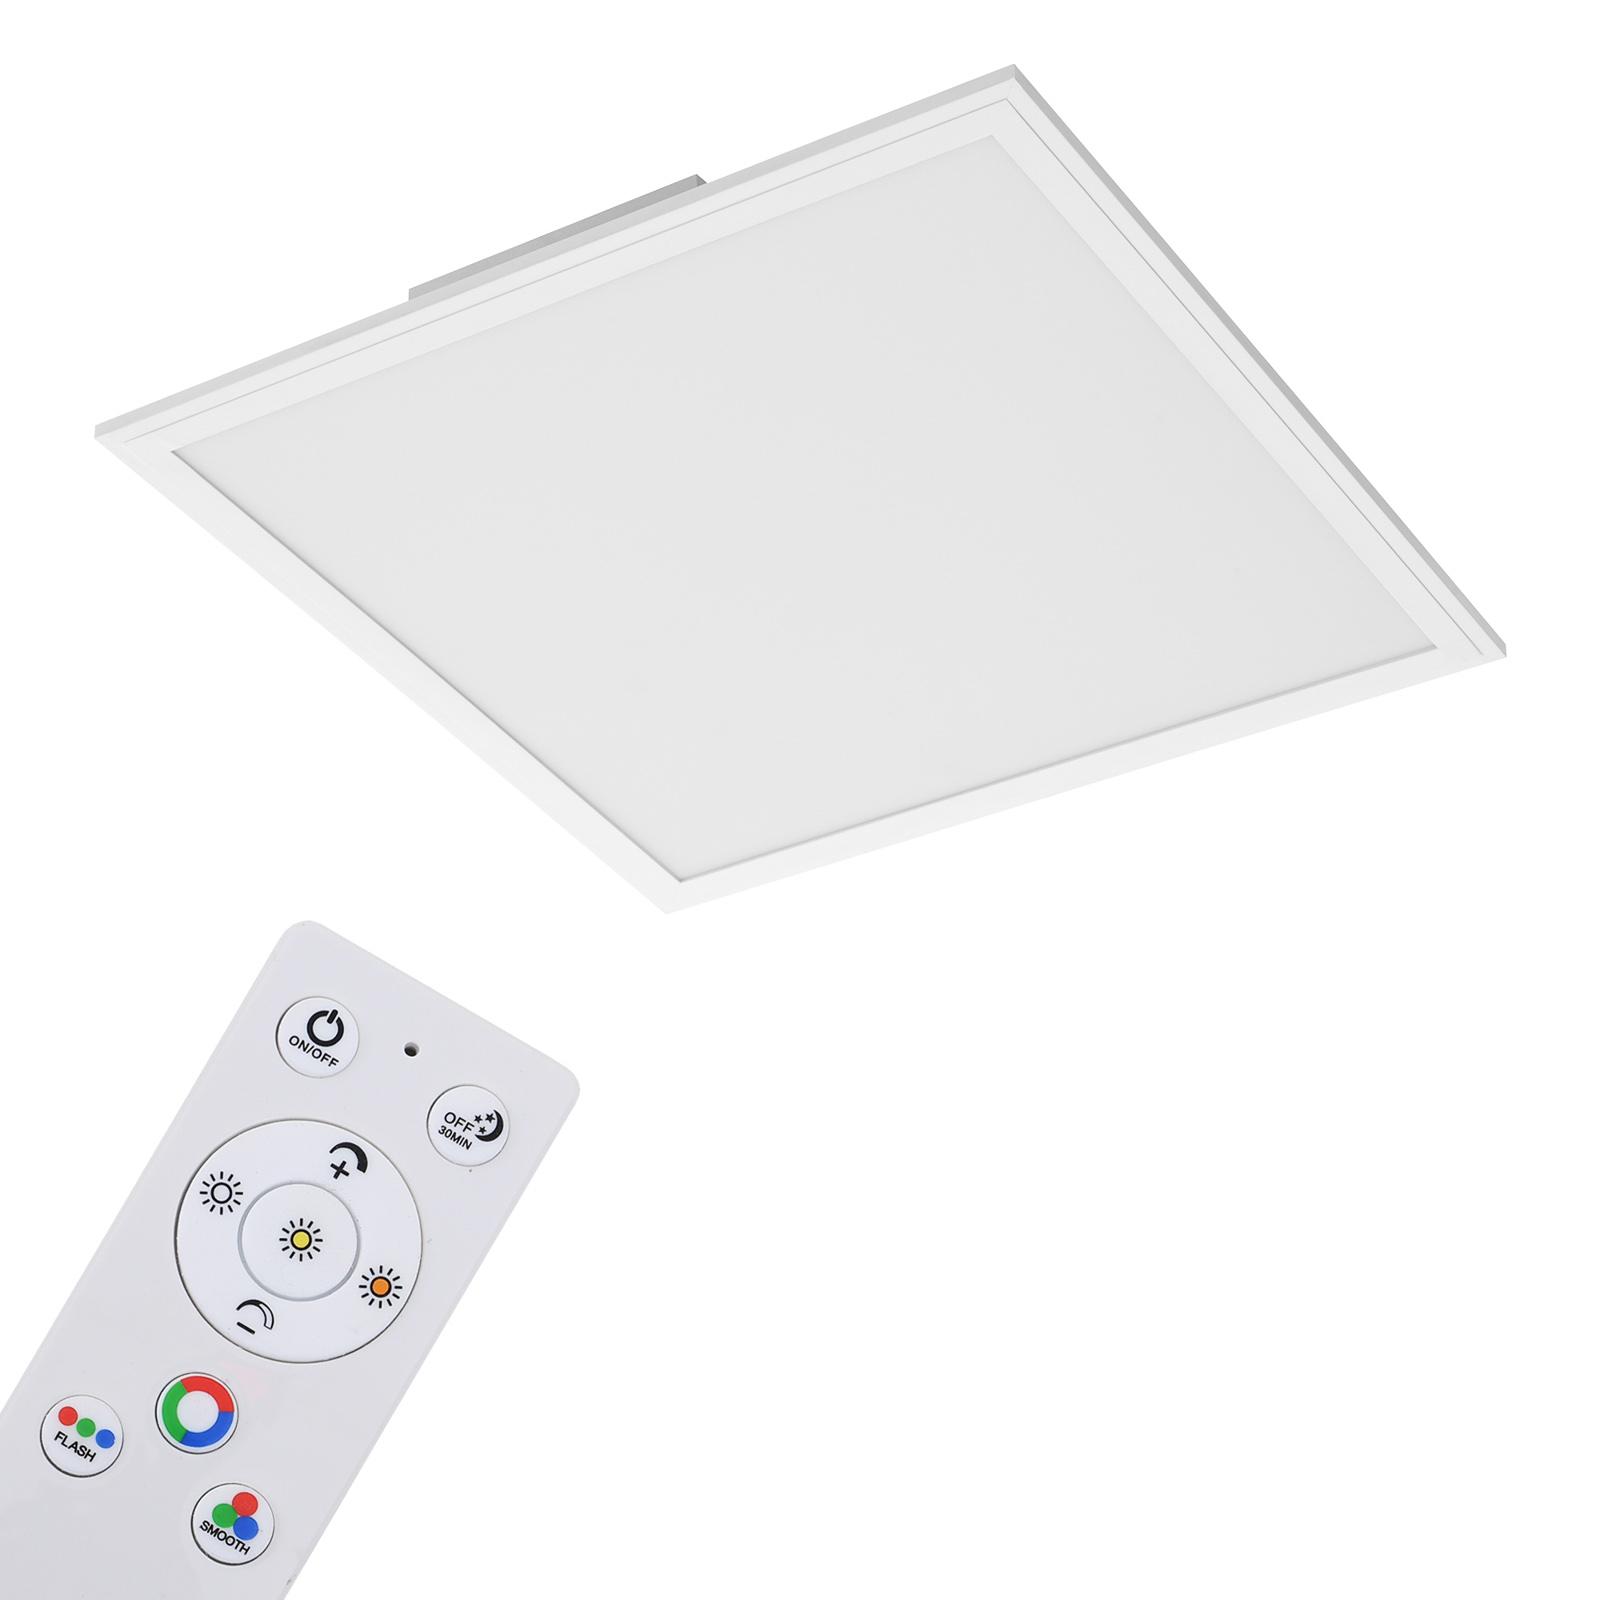 LED-Panel Colour 45cm x 45cm mit Fernbedienung